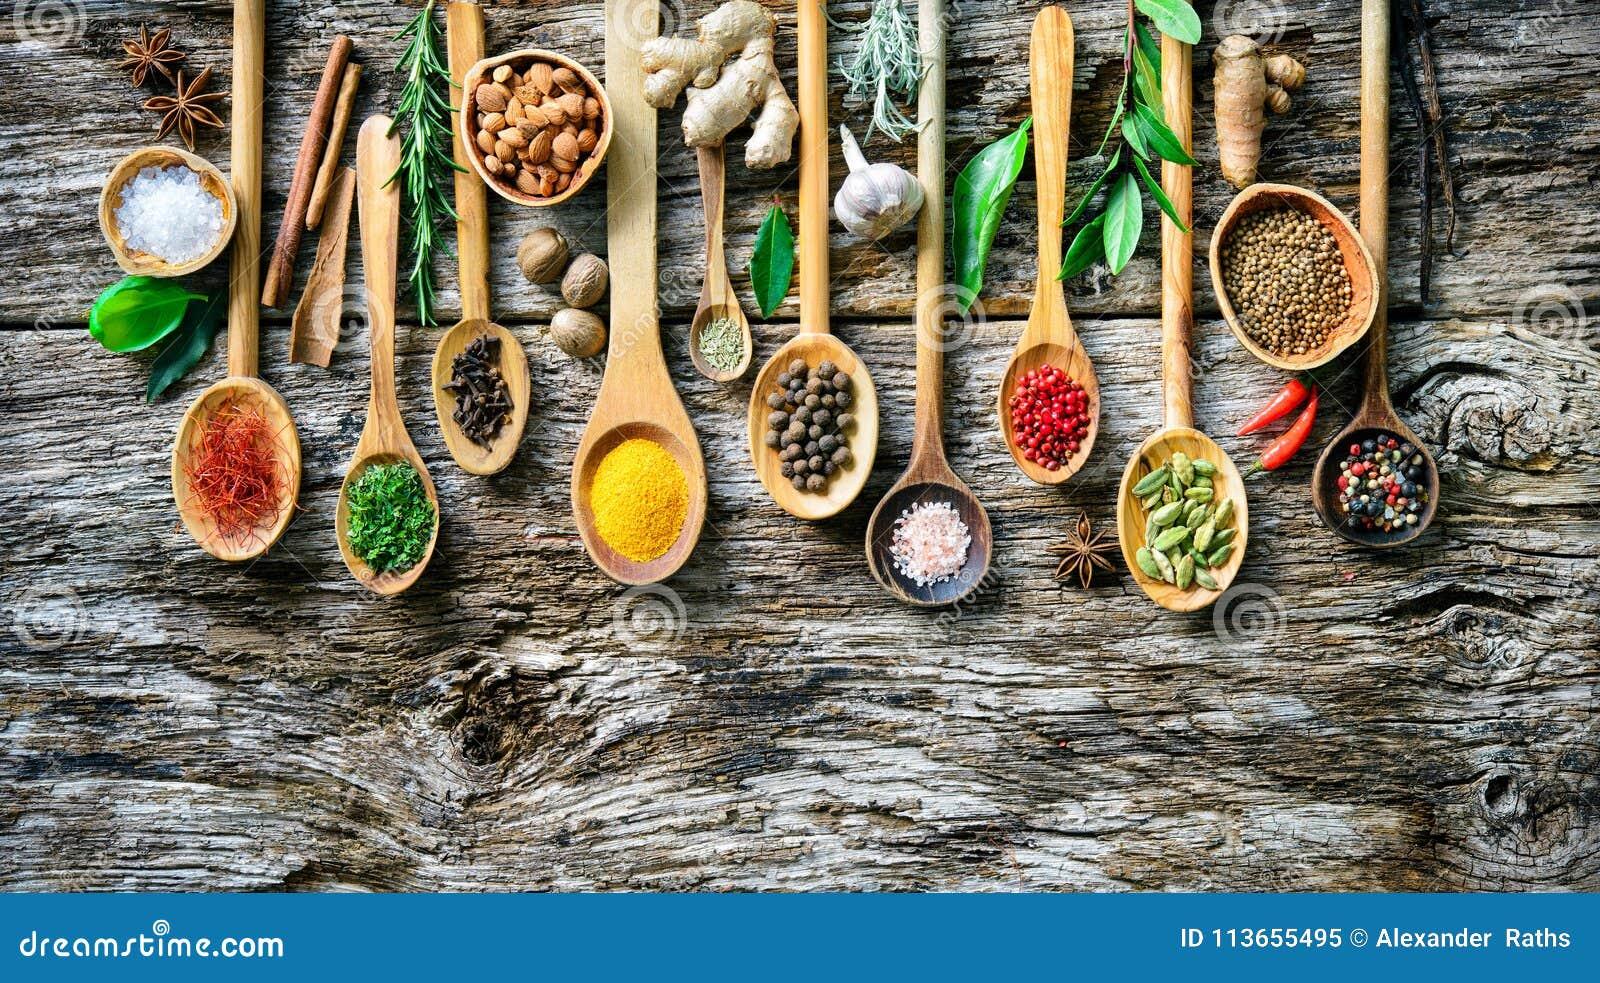 Varie erbe e spezie per la cottura sul bordo di legno anziano